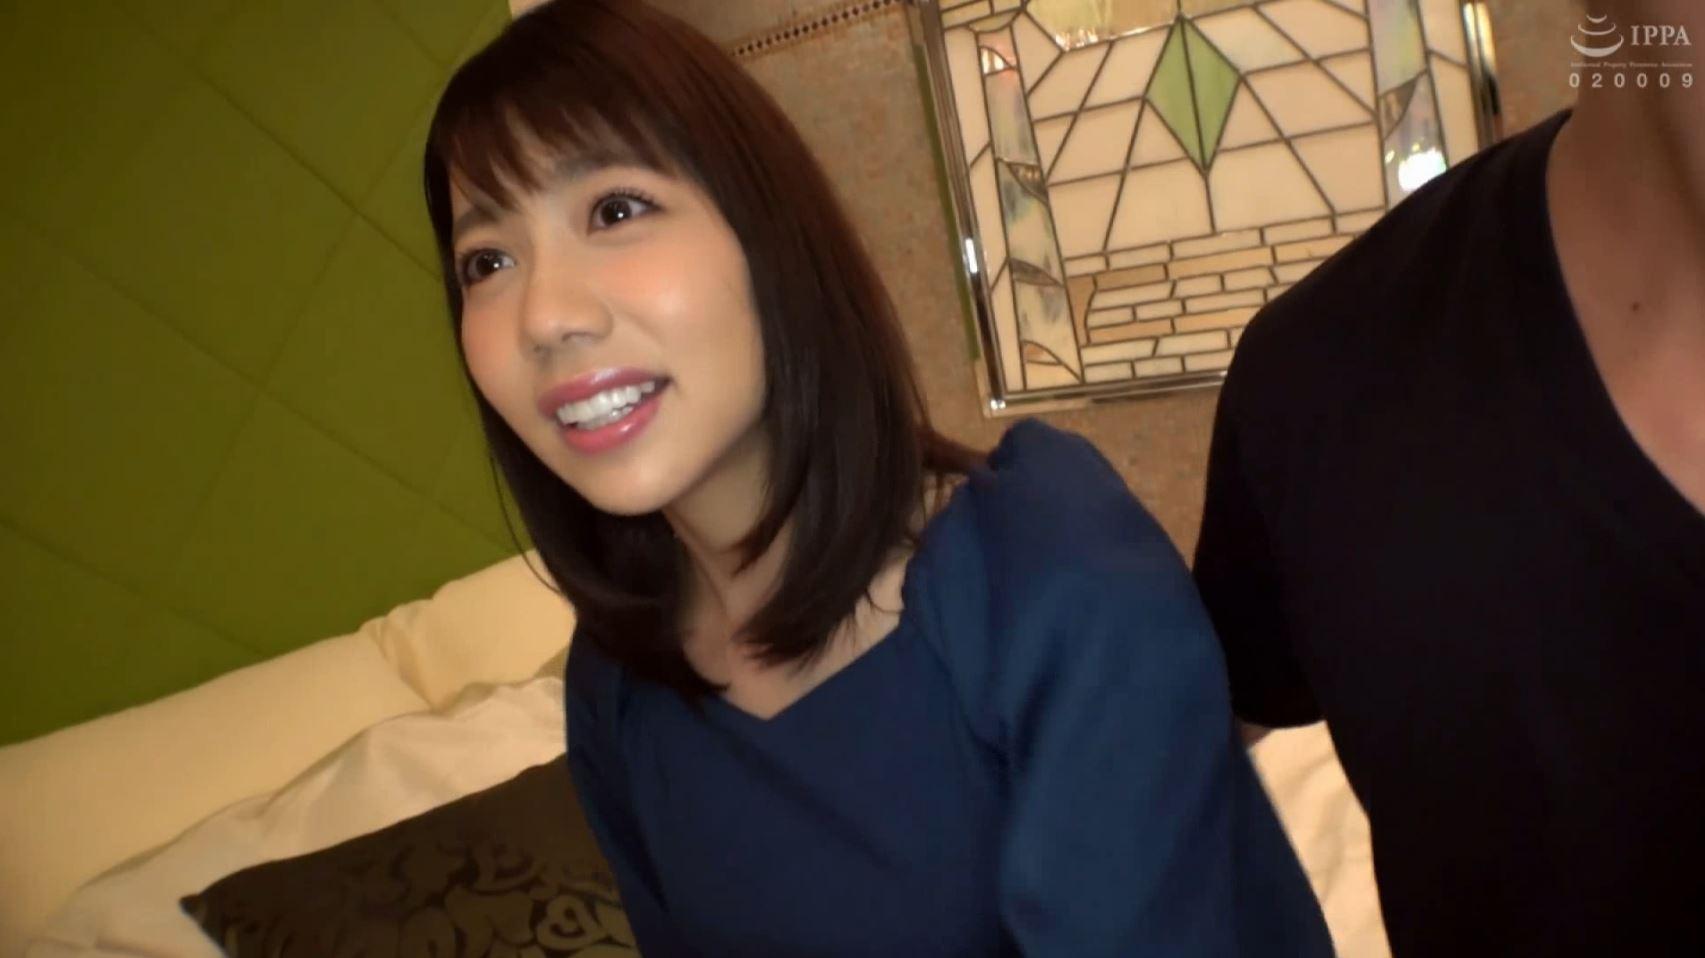 【女优出处】请问番号dnw-027里第一位女优是谁